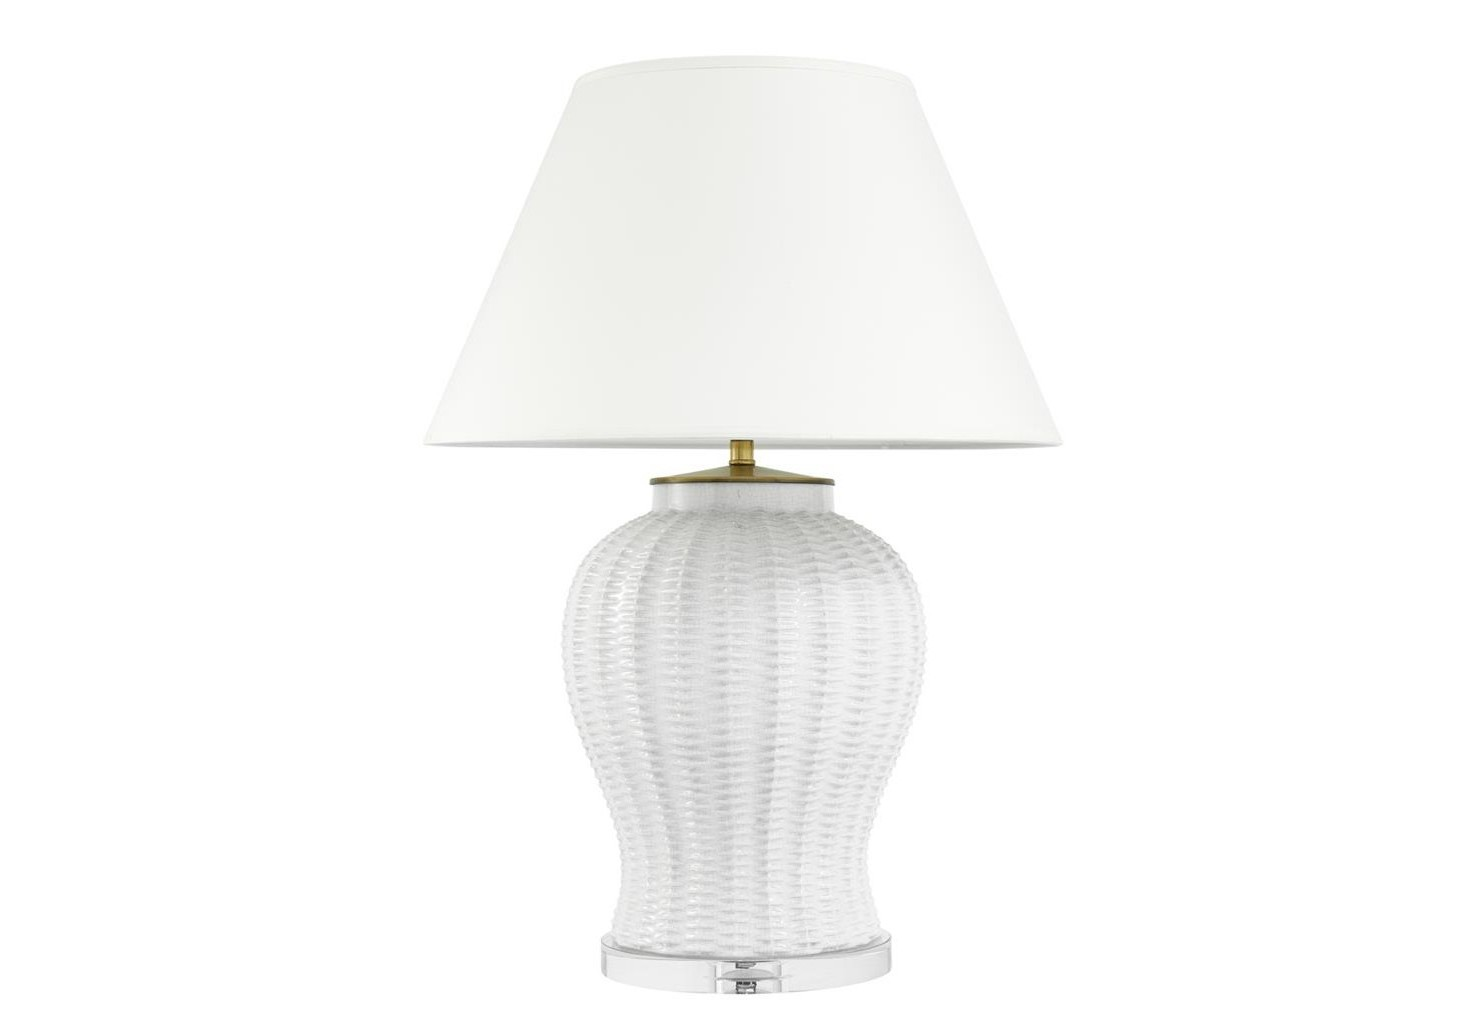 Настольная лампаДекоративные лампы<br>Настольная лампа Table Lamp Fort Meyers с вазой из керамики белого цвета. Текстильный белый абажур скрывает лампу&amp;lt;div&amp;gt;&amp;lt;br&amp;gt;&amp;lt;/div&amp;gt;&amp;lt;div&amp;gt;&amp;lt;div&amp;gt;Тип цоколя: E27&amp;lt;/div&amp;gt;&amp;lt;div&amp;gt;Мощность: 60W&amp;lt;/div&amp;gt;&amp;lt;div&amp;gt;Кол-во ламп: 1 (нет в комплекте)&amp;lt;/div&amp;gt;&amp;lt;/div&amp;gt;<br><br>Material: Керамика<br>Height см: 80<br>Diameter см: 58